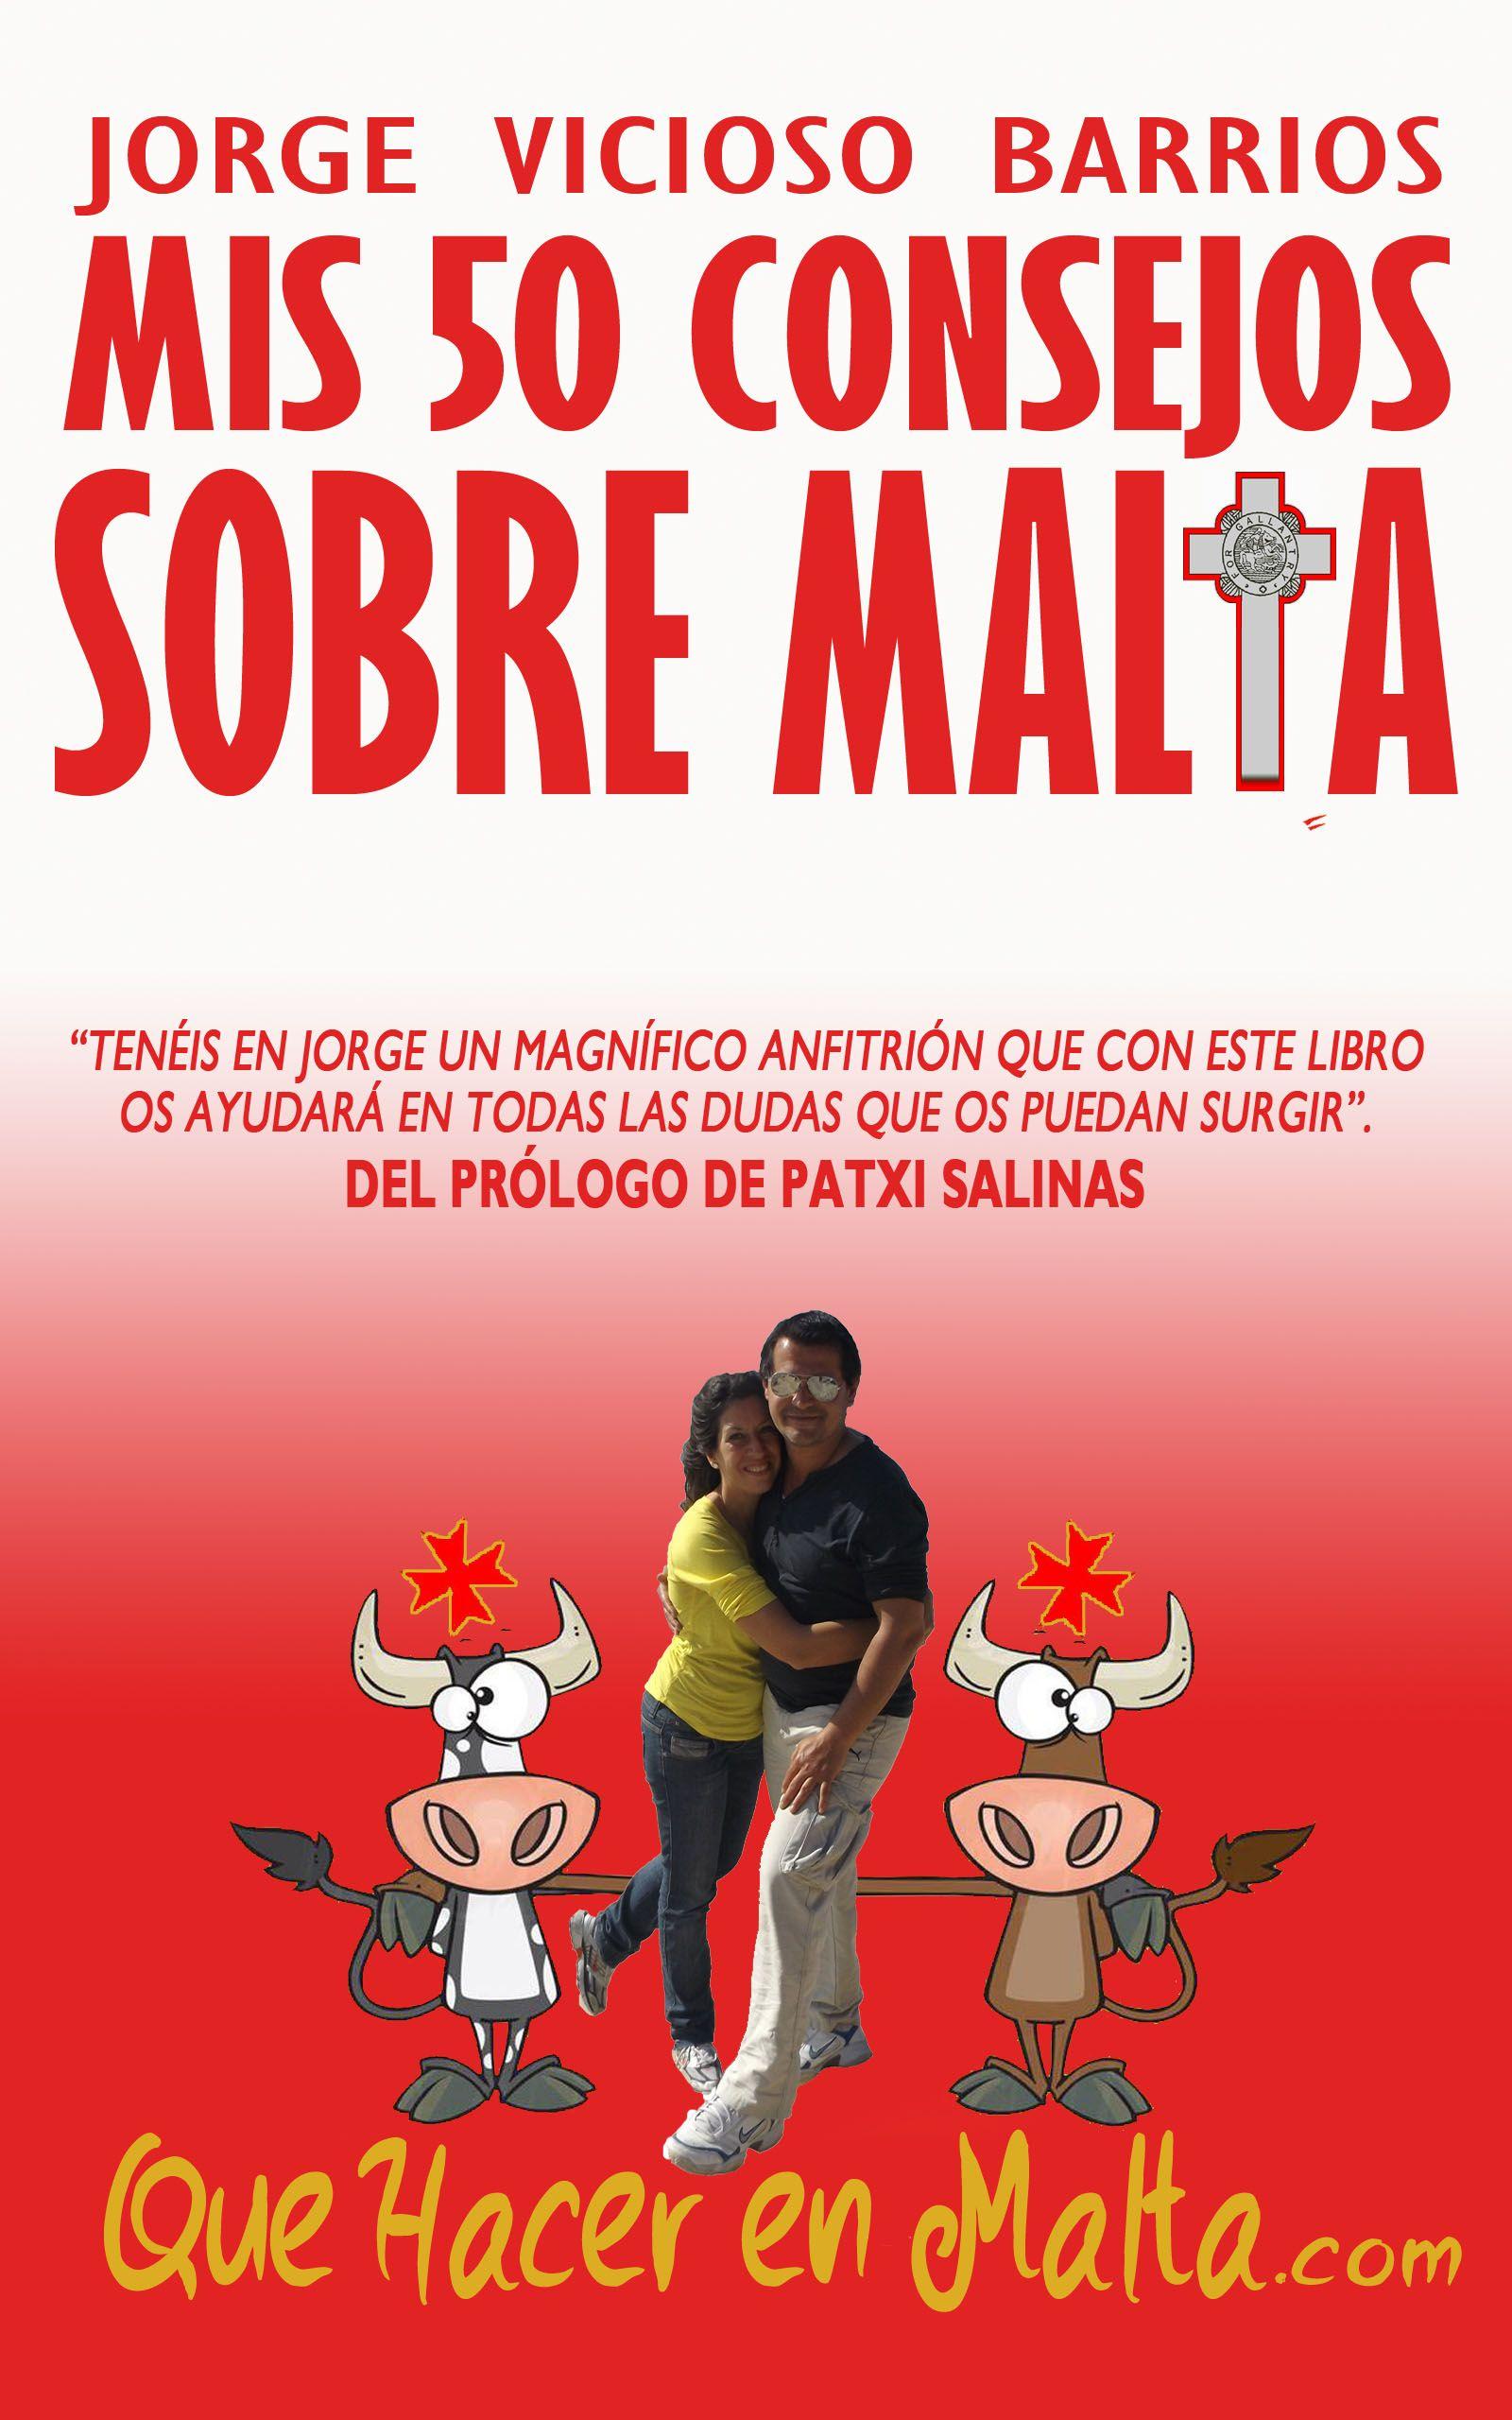 195e2cd9ef96 LEE MIS 50 CONSEJOS SOBRE MALTA - Que hacer en Malta